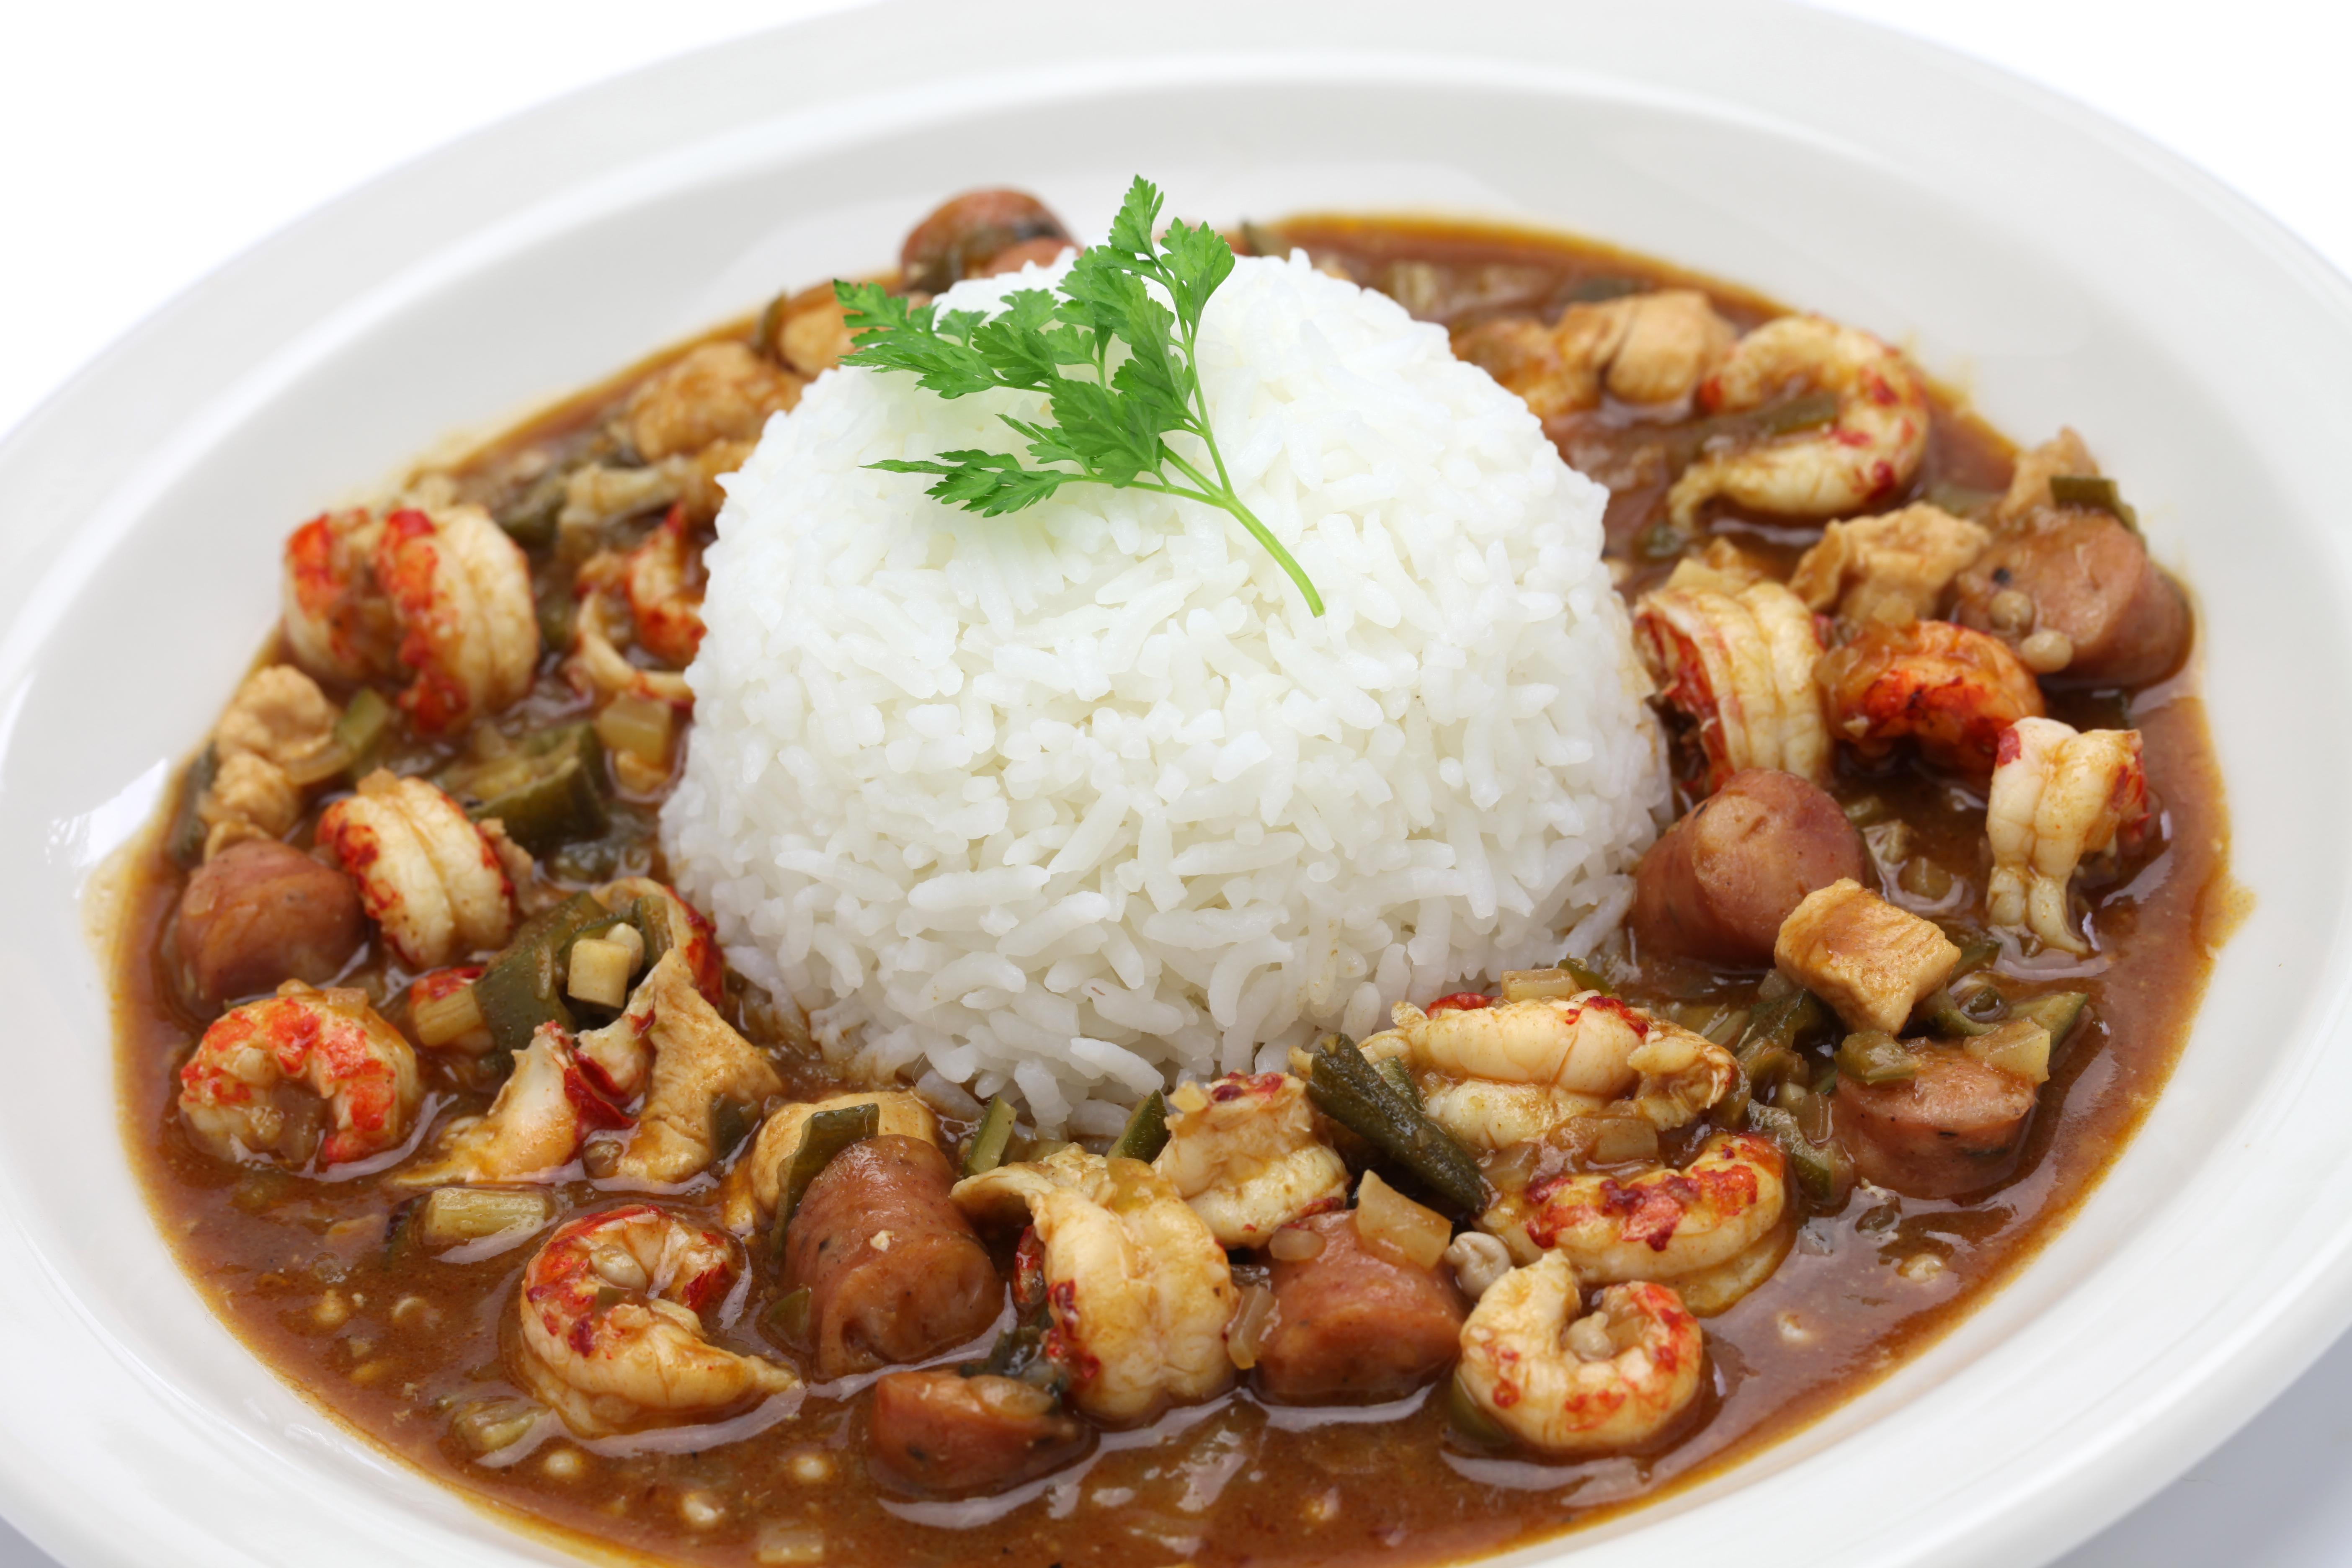 gumbo with crawfish, chicken & sausage,